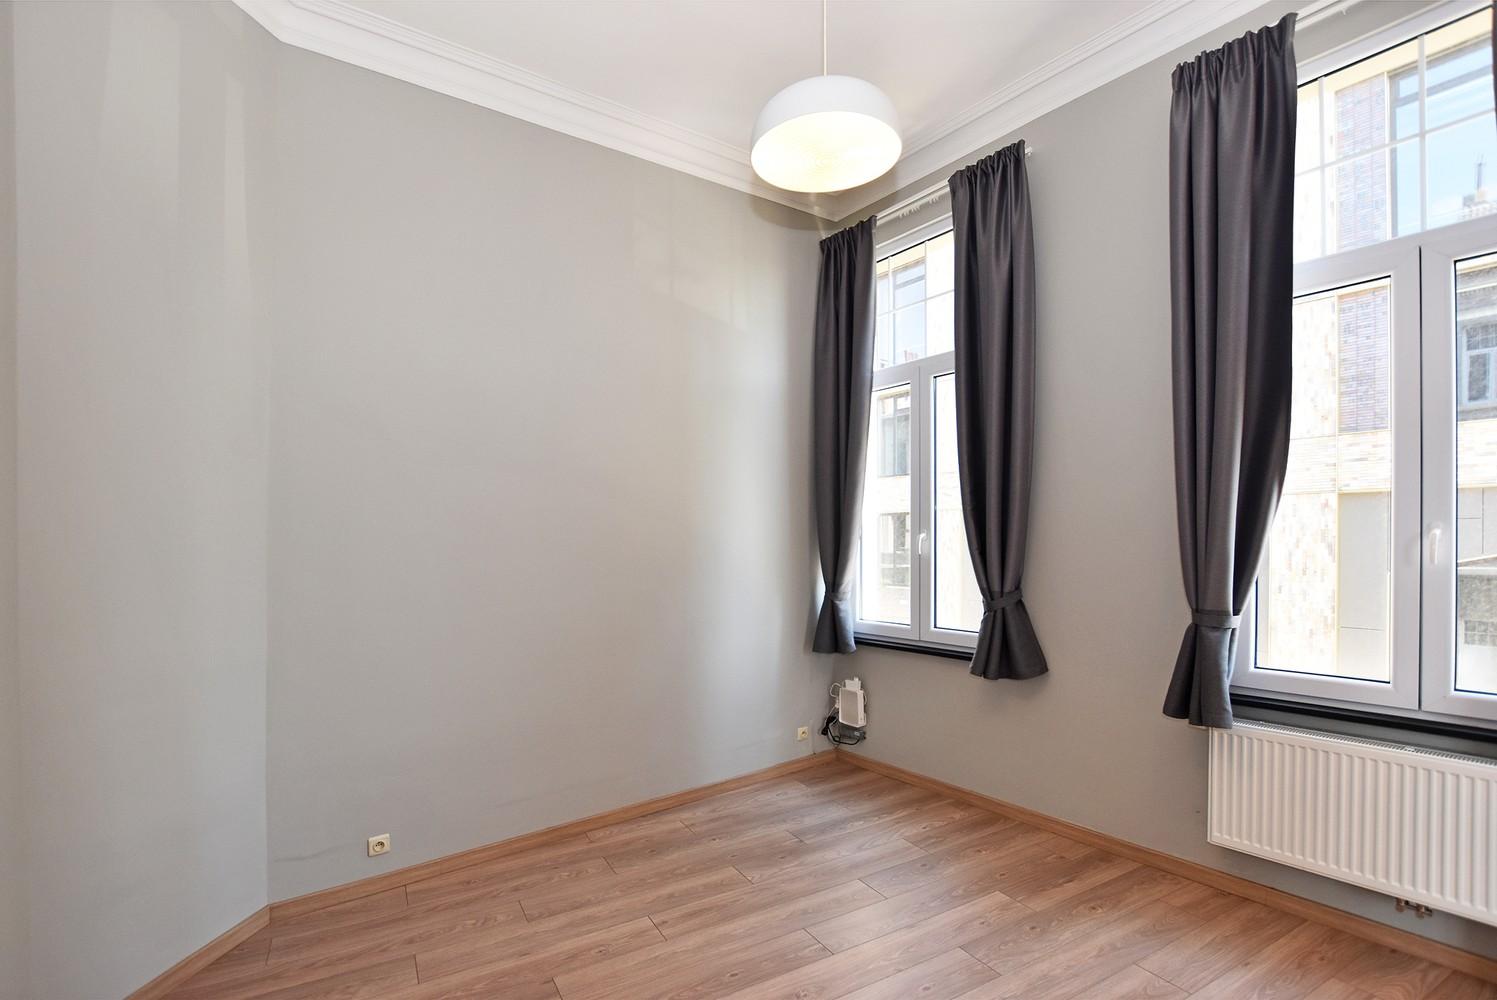 Gerenoveerd appartement met 1 slpk, gelegen op een toplocatie te Antwerpen! afbeelding 5